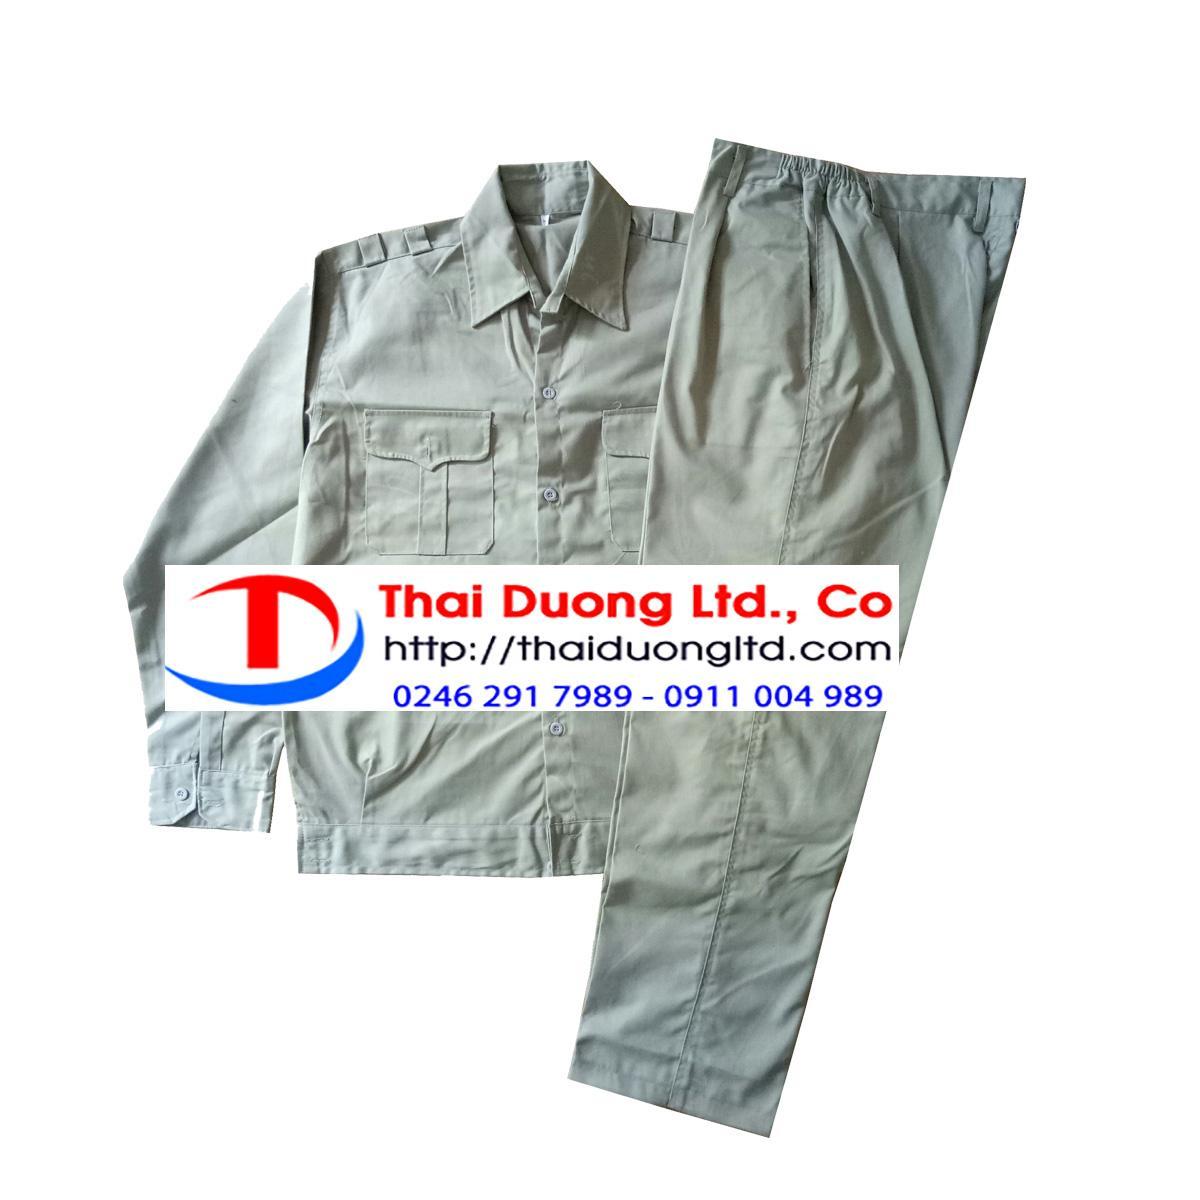 Bộ quần áo bảo hộ lao động Kaki Ghi Size 7(L) + Tặng 10 chiếc khẩu trang y tế Thái Dương Mask Cao cấp màu Xanh